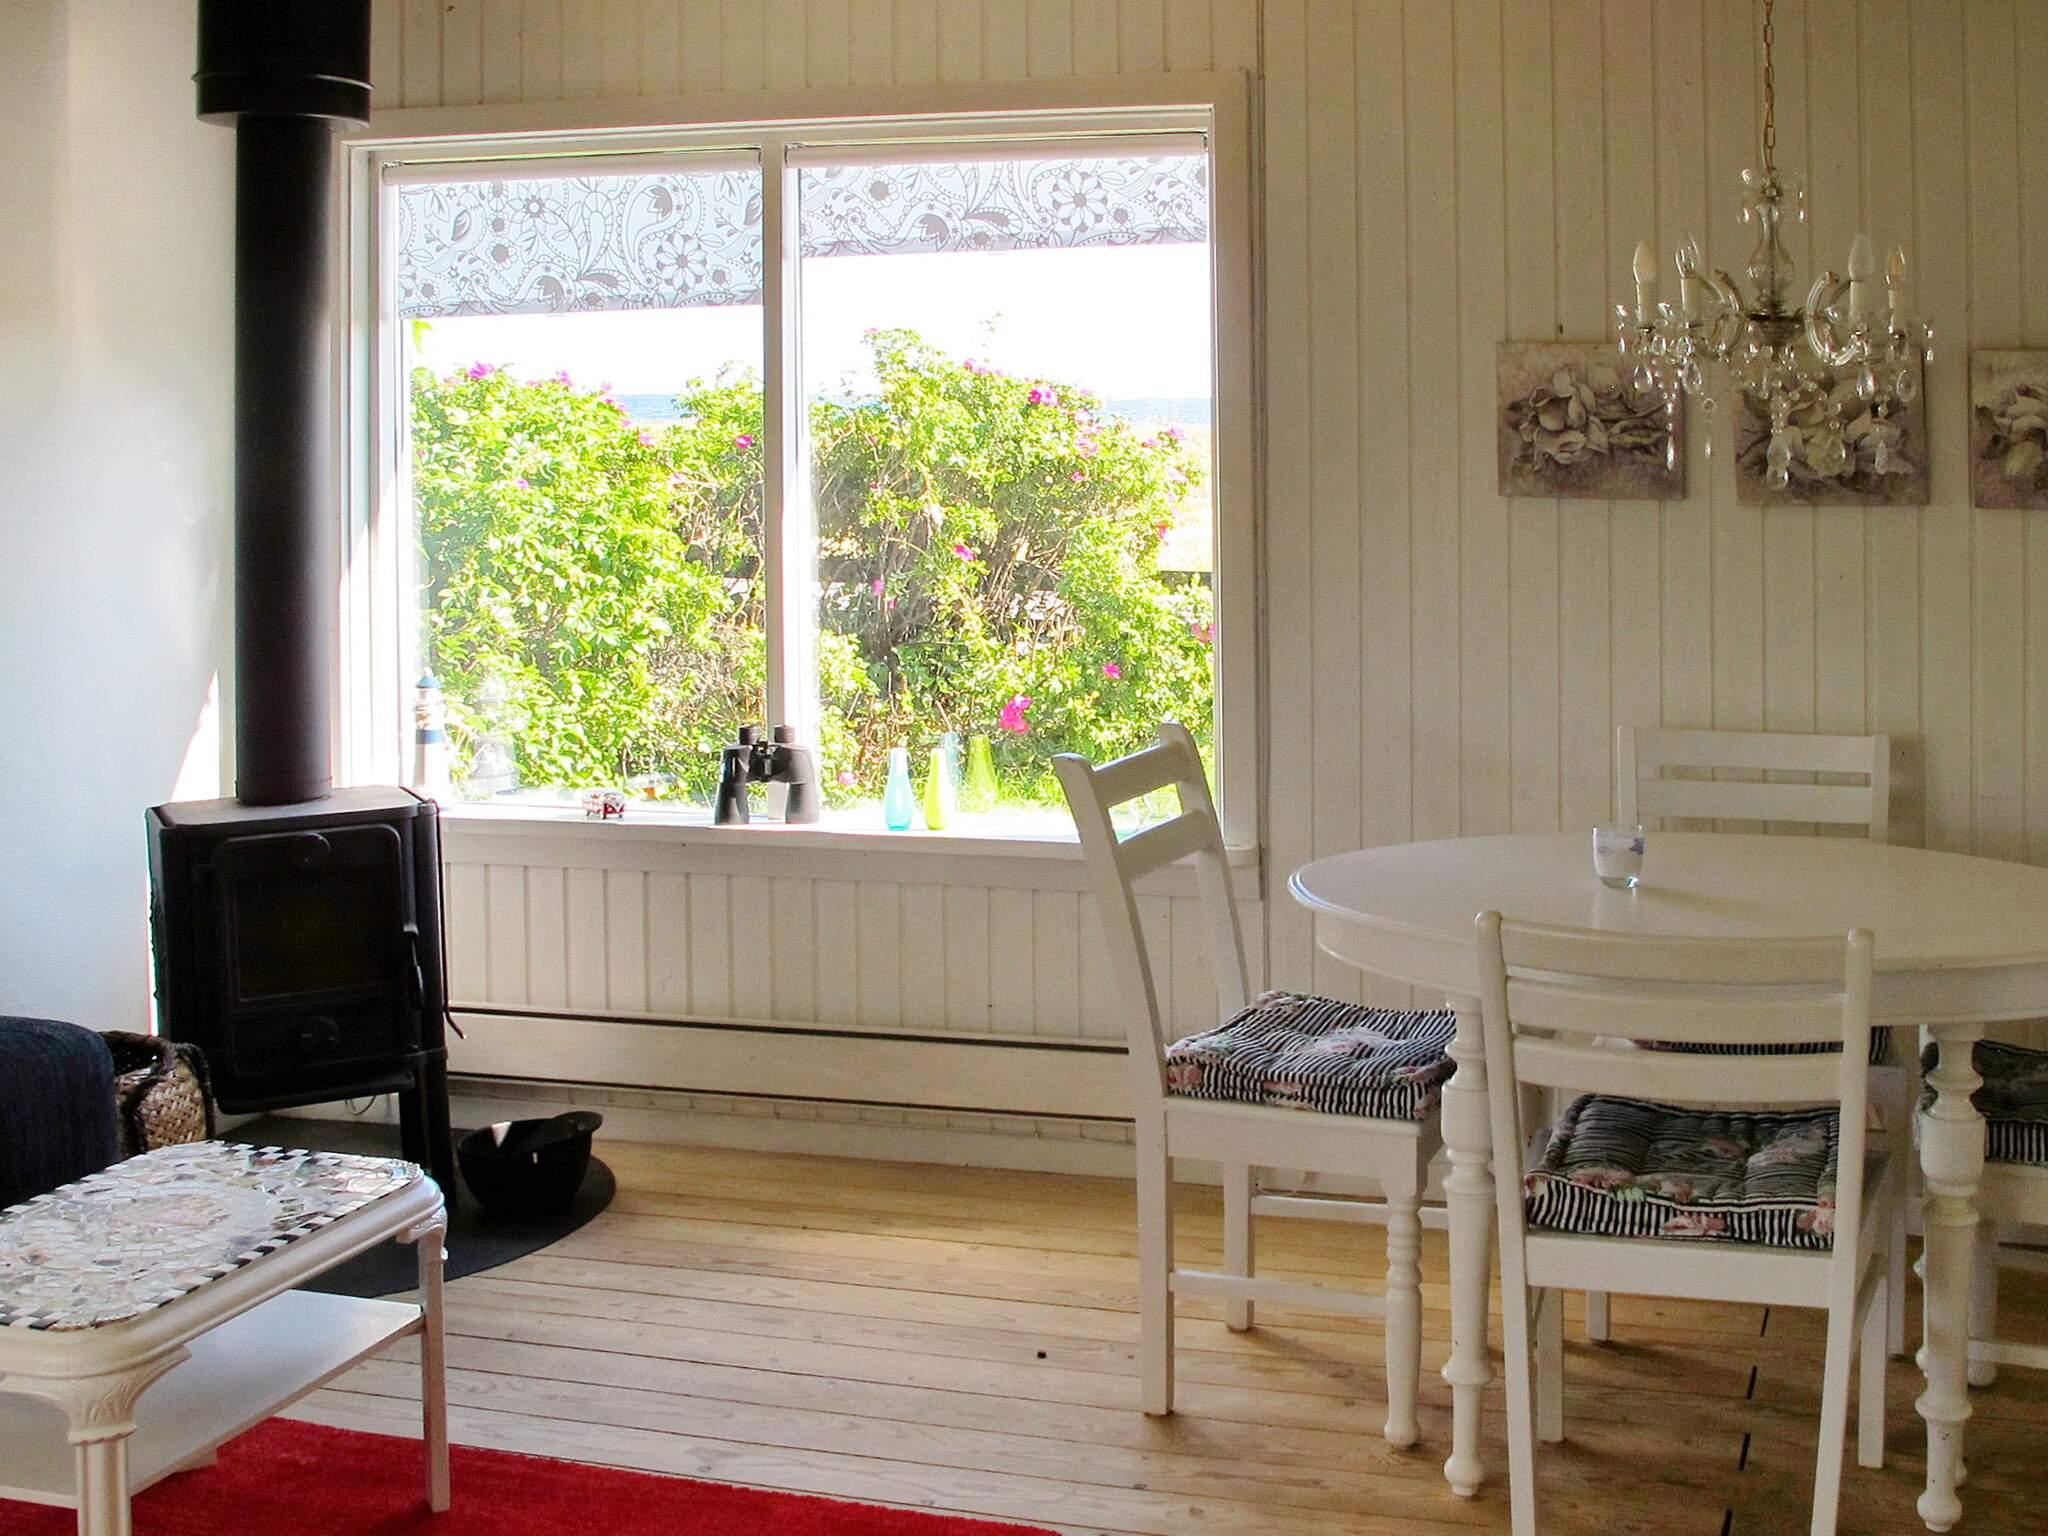 Ferienhaus Ulvshale (238287), Stege, , Møn, Dänemark, Bild 7